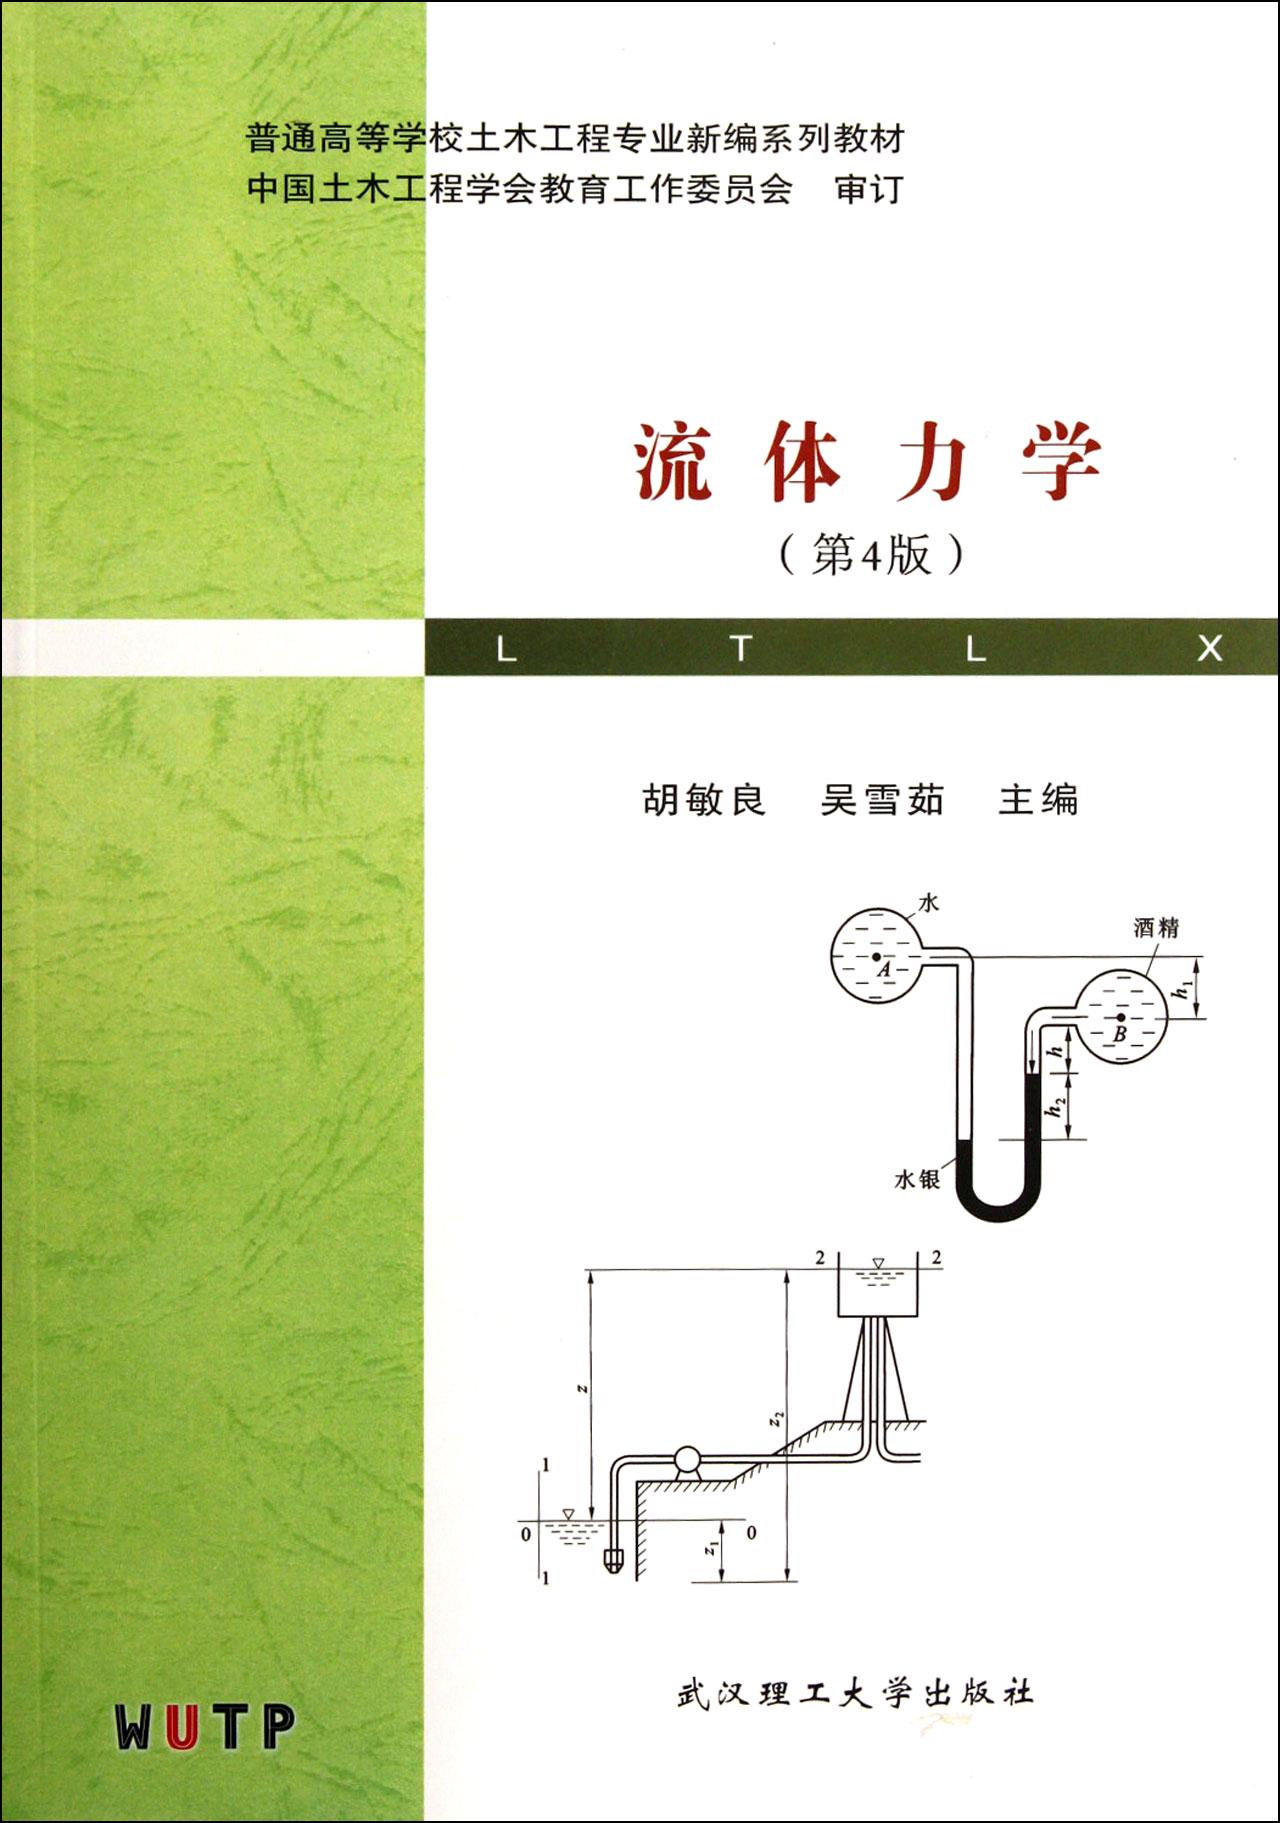 土木工程专业新编系列)